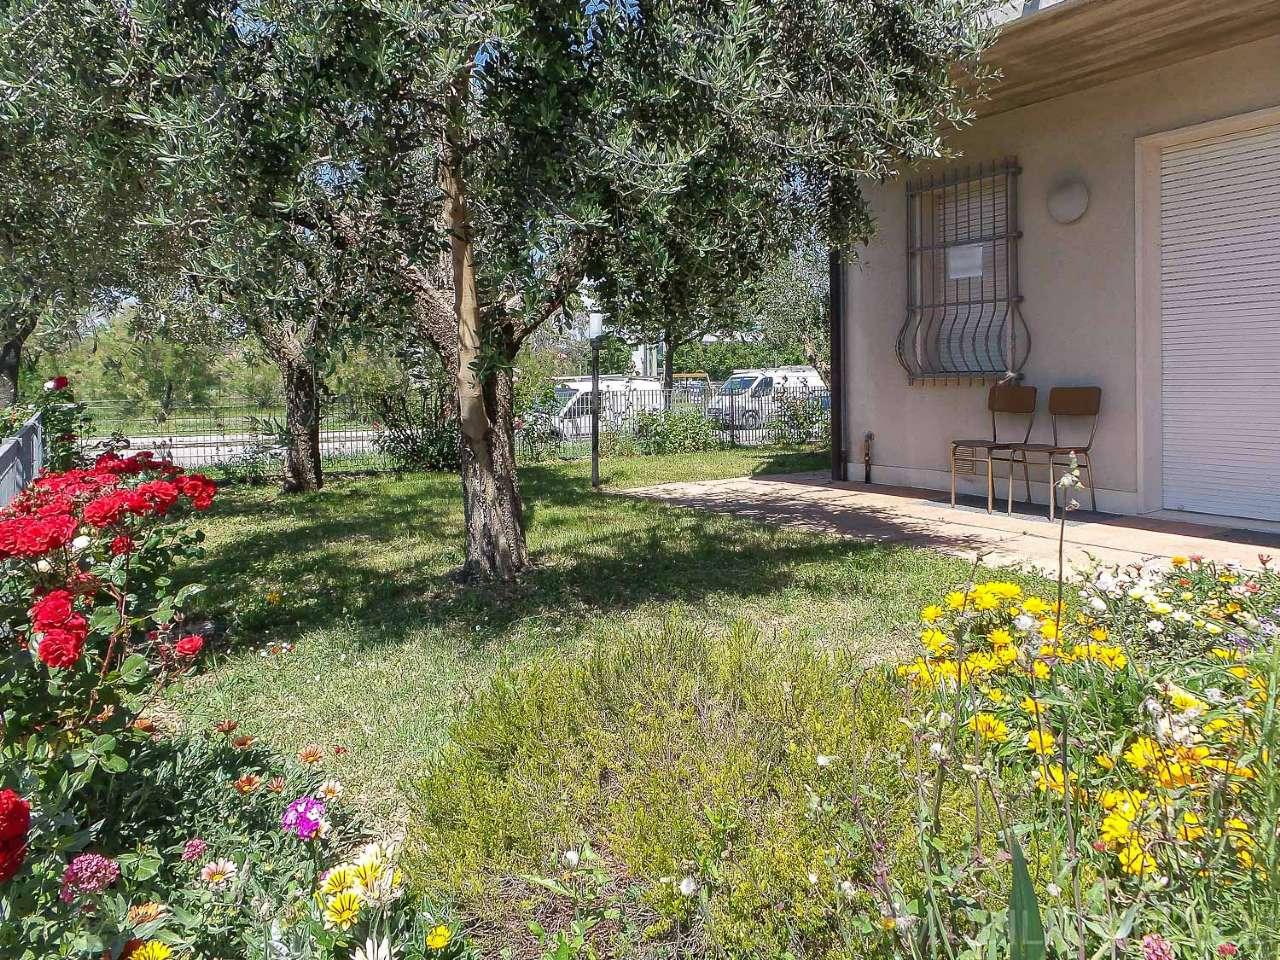 Appartamento in vendita a Cesena, 3 locali, prezzo € 185.000 | CambioCasa.it